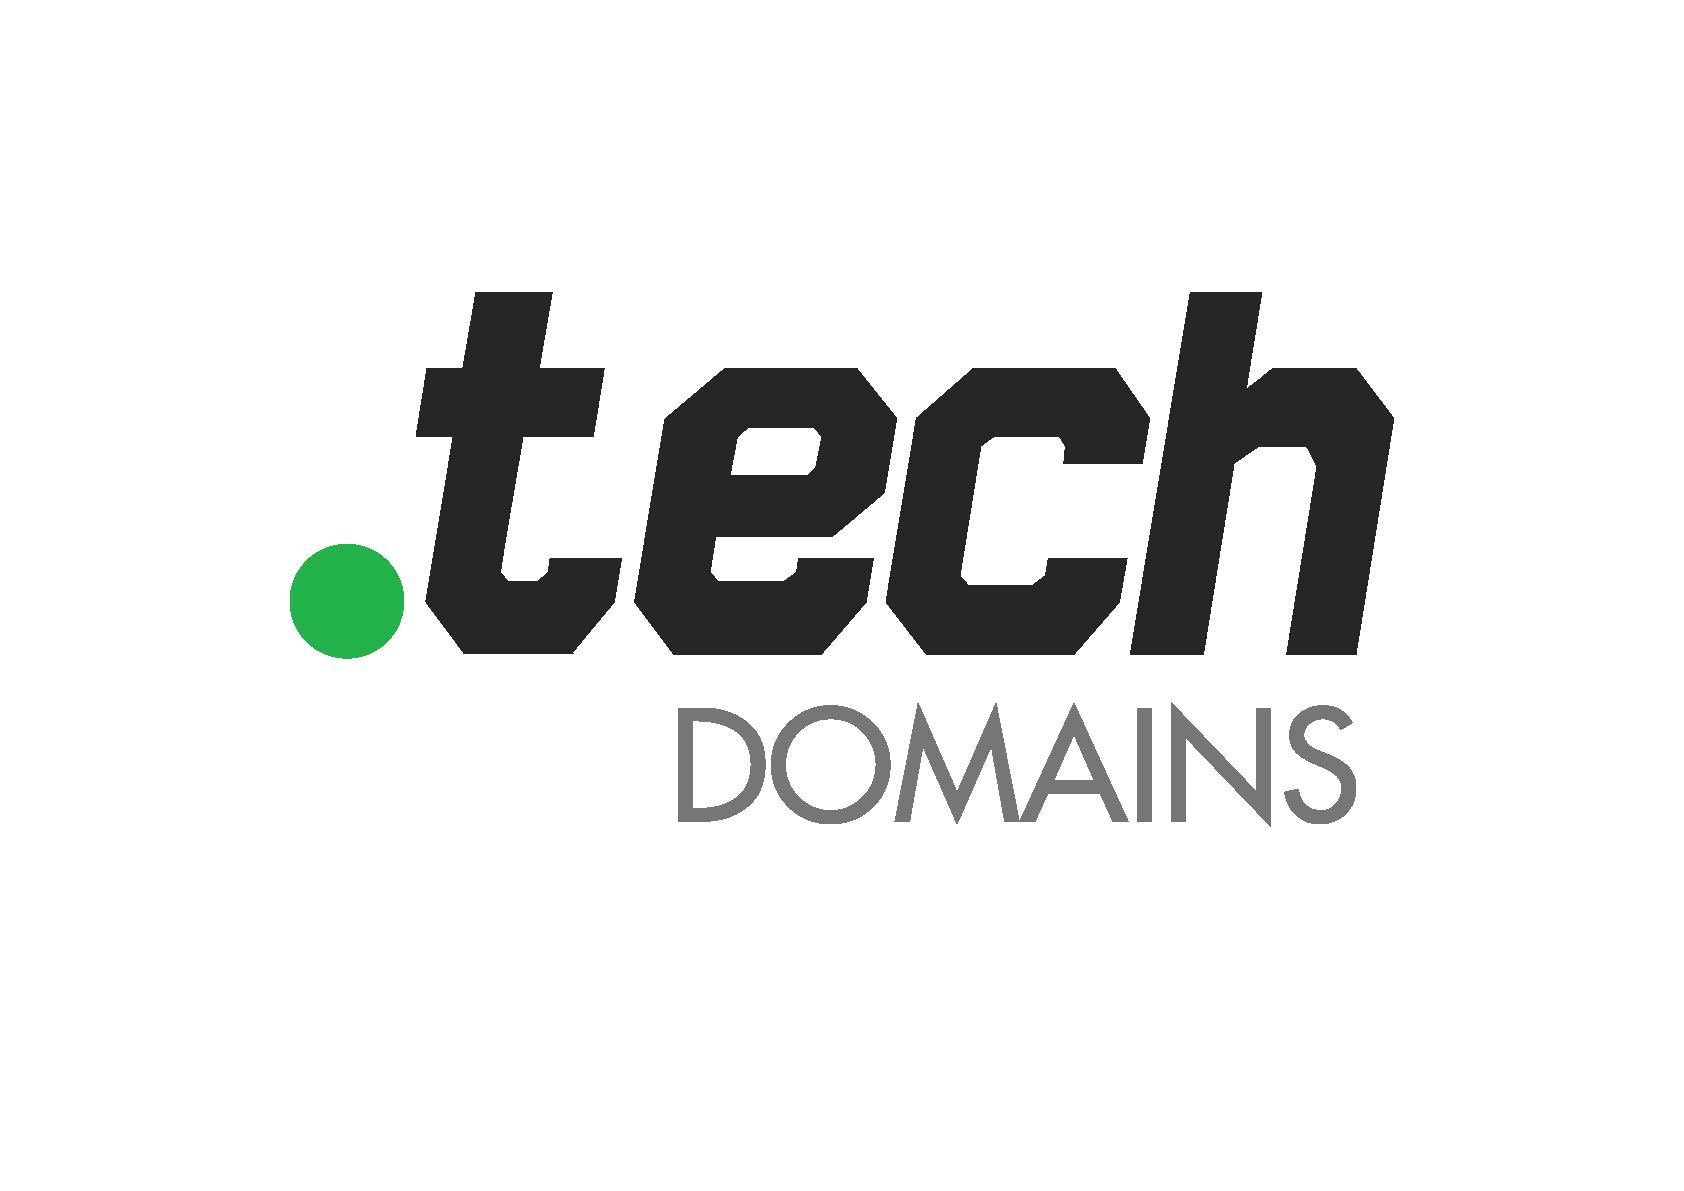 .tech Domain